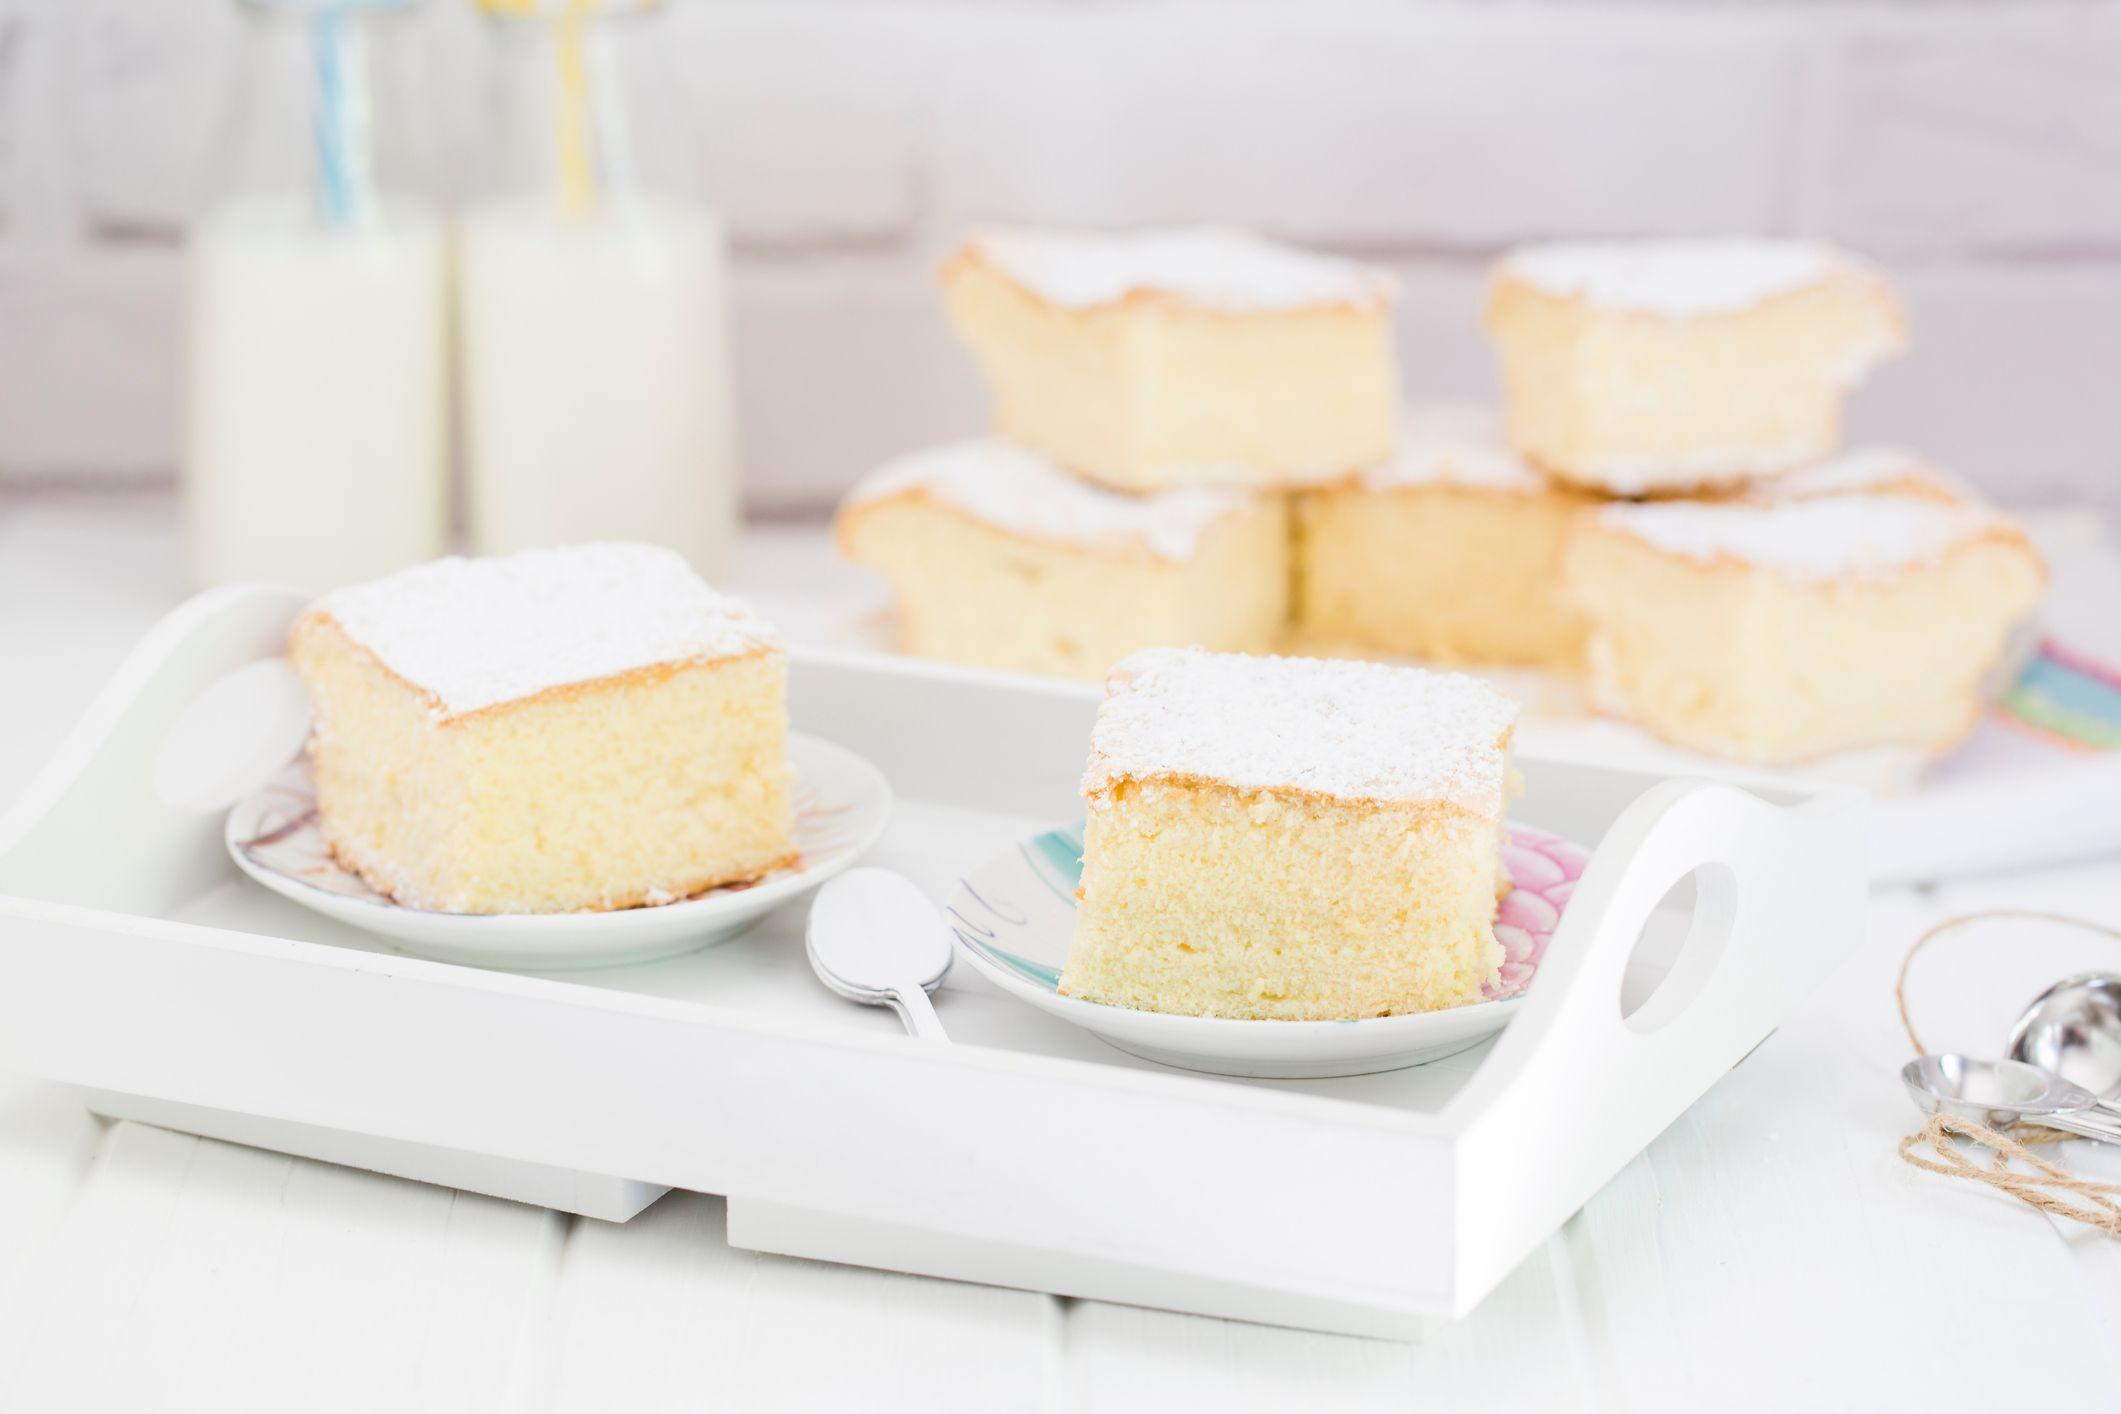 Sai cos'è la torta magica? Una ricetta incantata e sorprendente che ti lascerà senza parole. Ma come si fa?